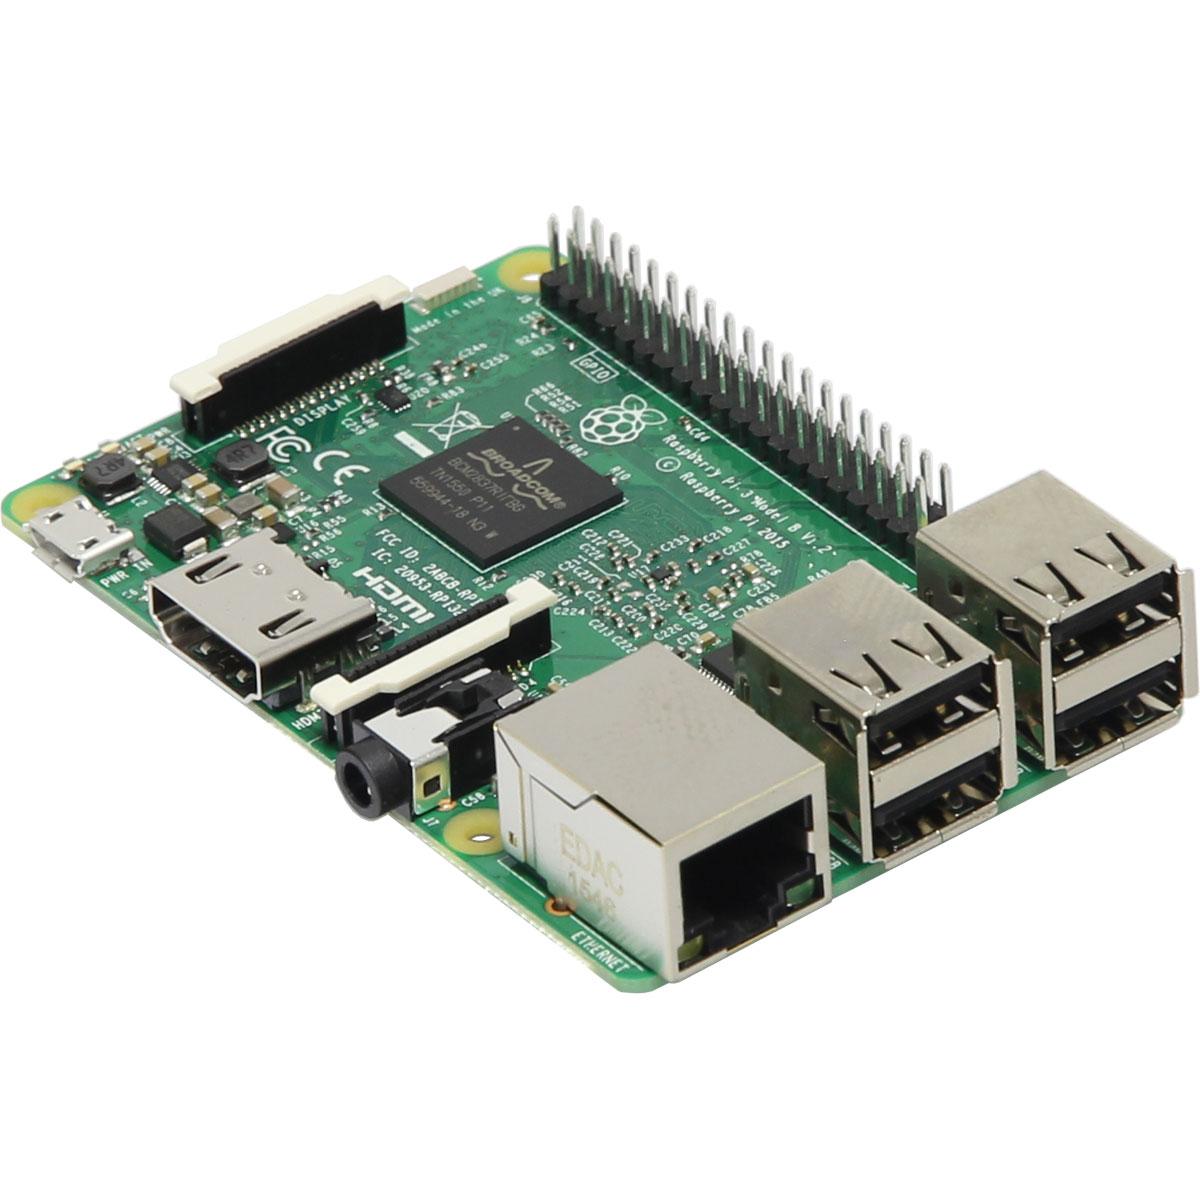 🔥 Bon plan : le Raspberry Pi 3 est à 26 euros au lieu de 40 euros